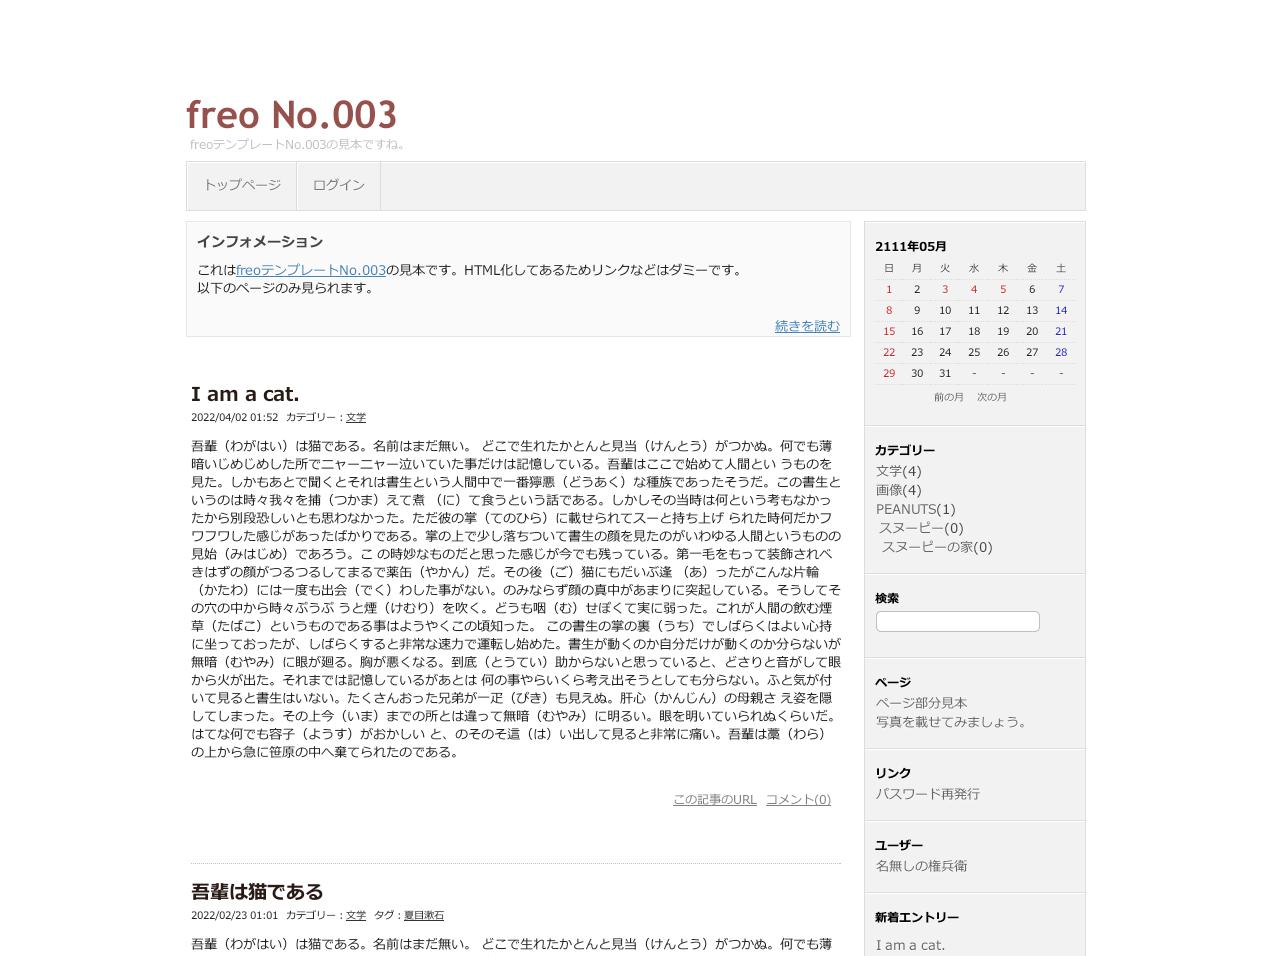 freoテンプレート No.003